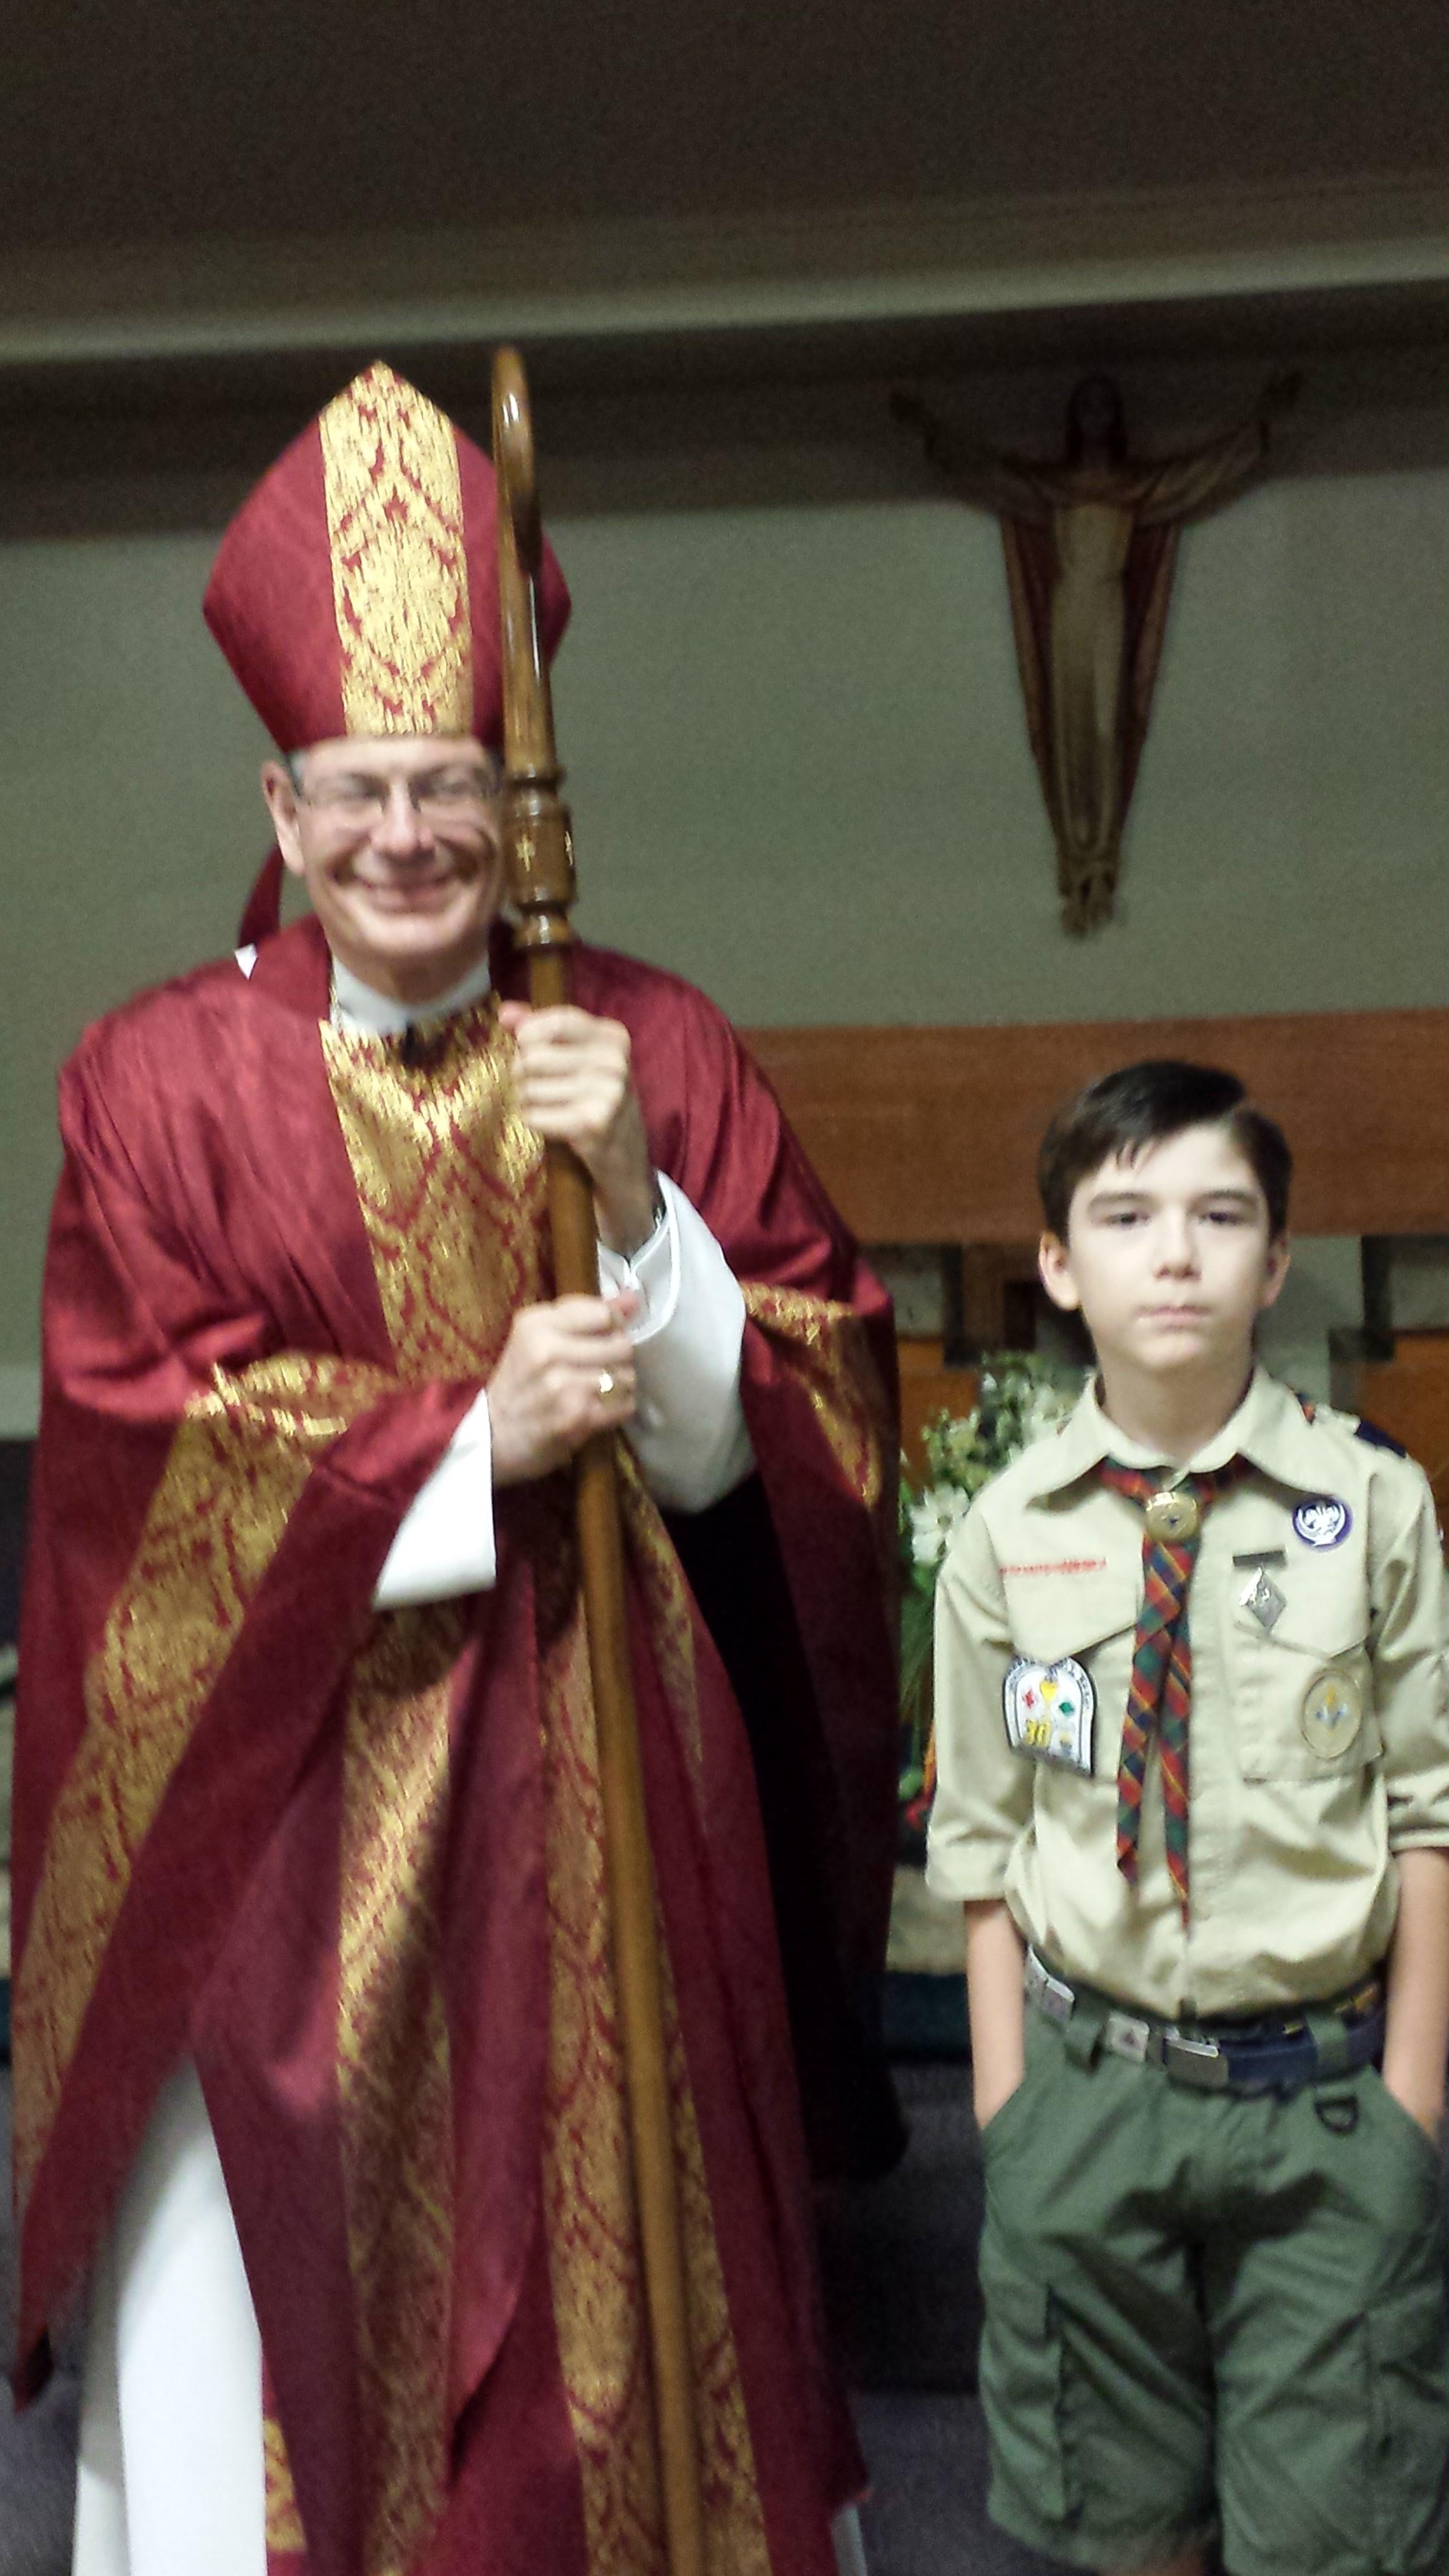 Andrew Awarded Catholic Emblem by Bishop